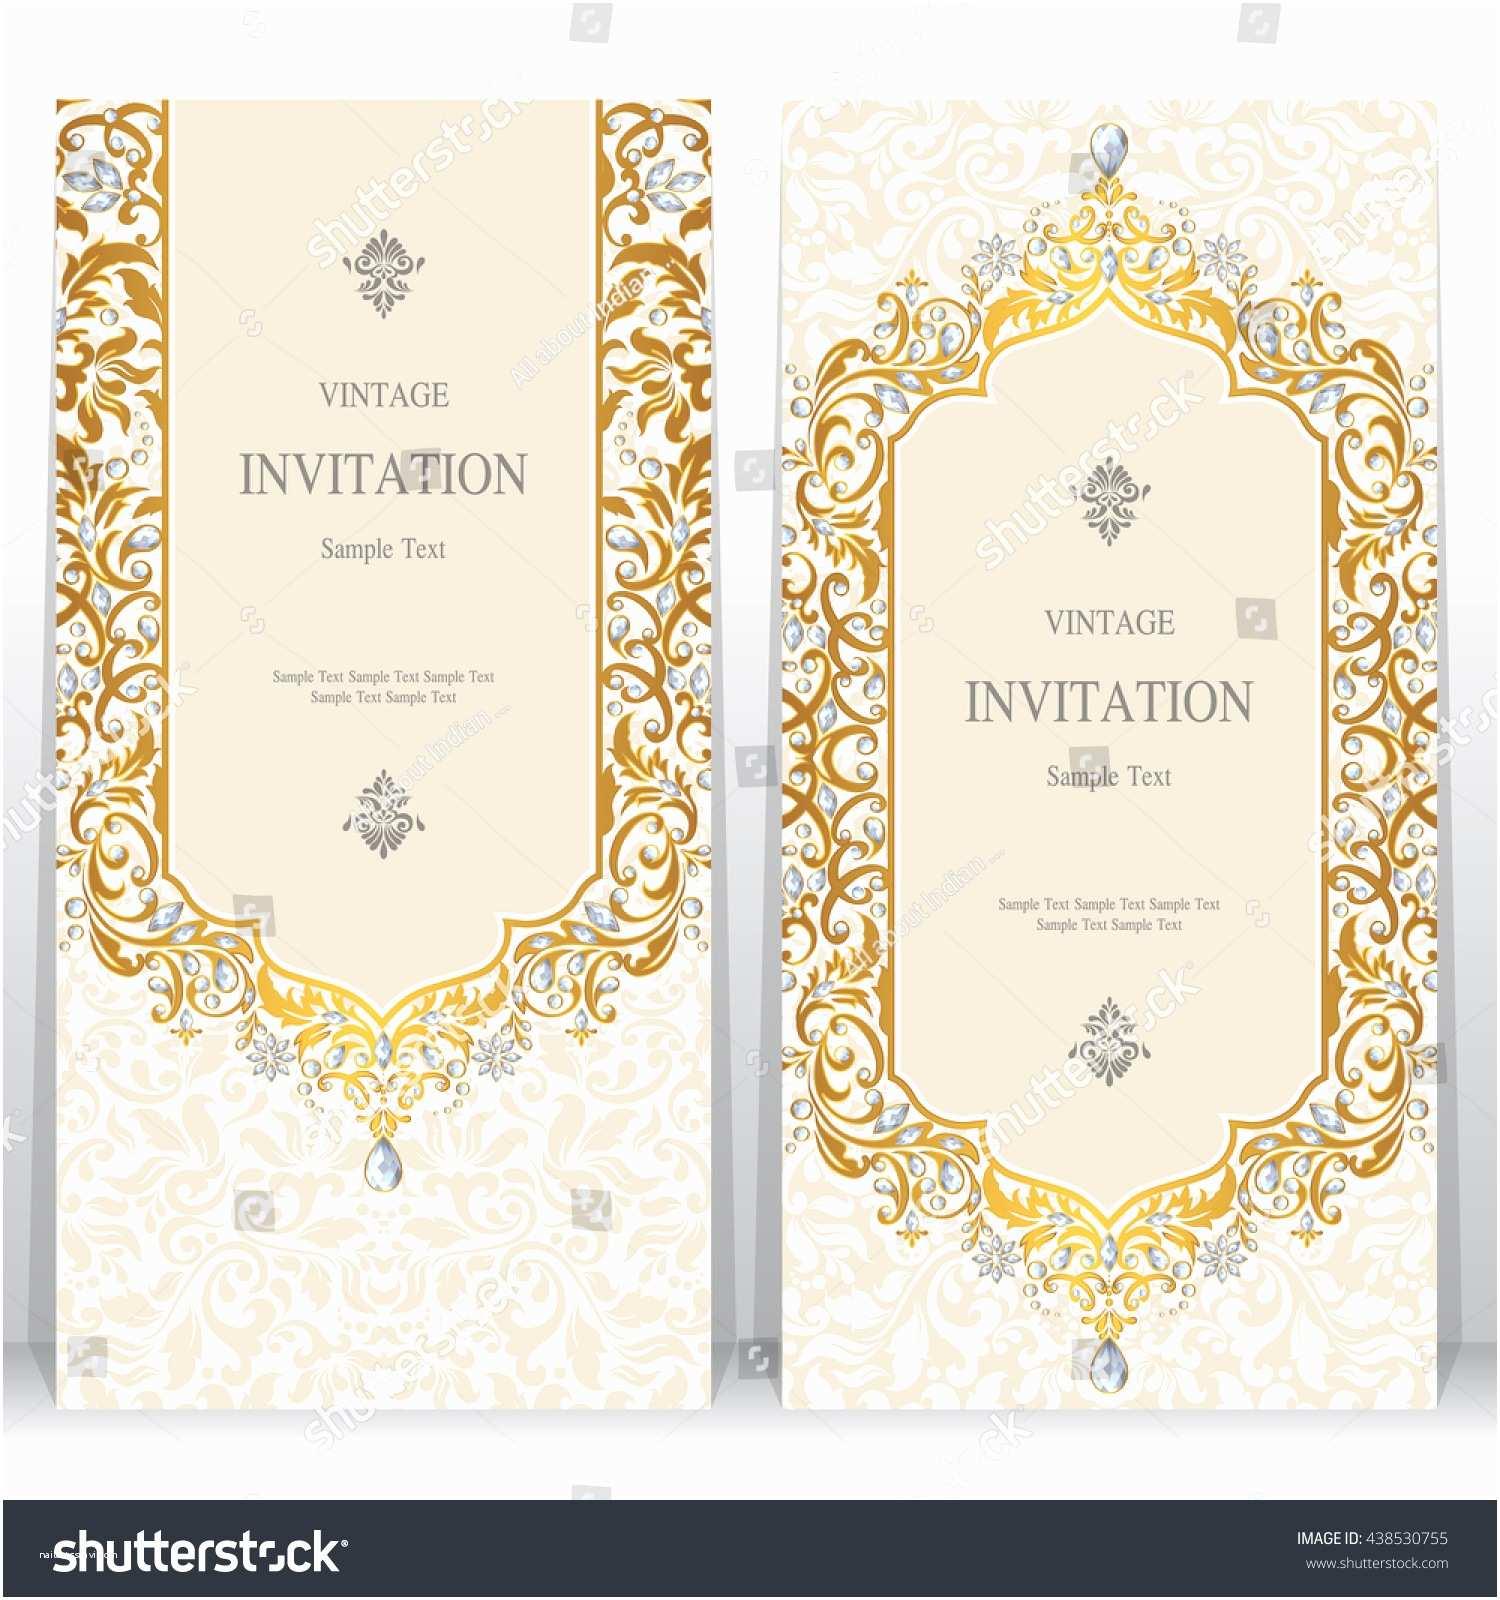 Arabic Wedding Invitations Arabic Wedding Invitations Wedding Decor Ideas